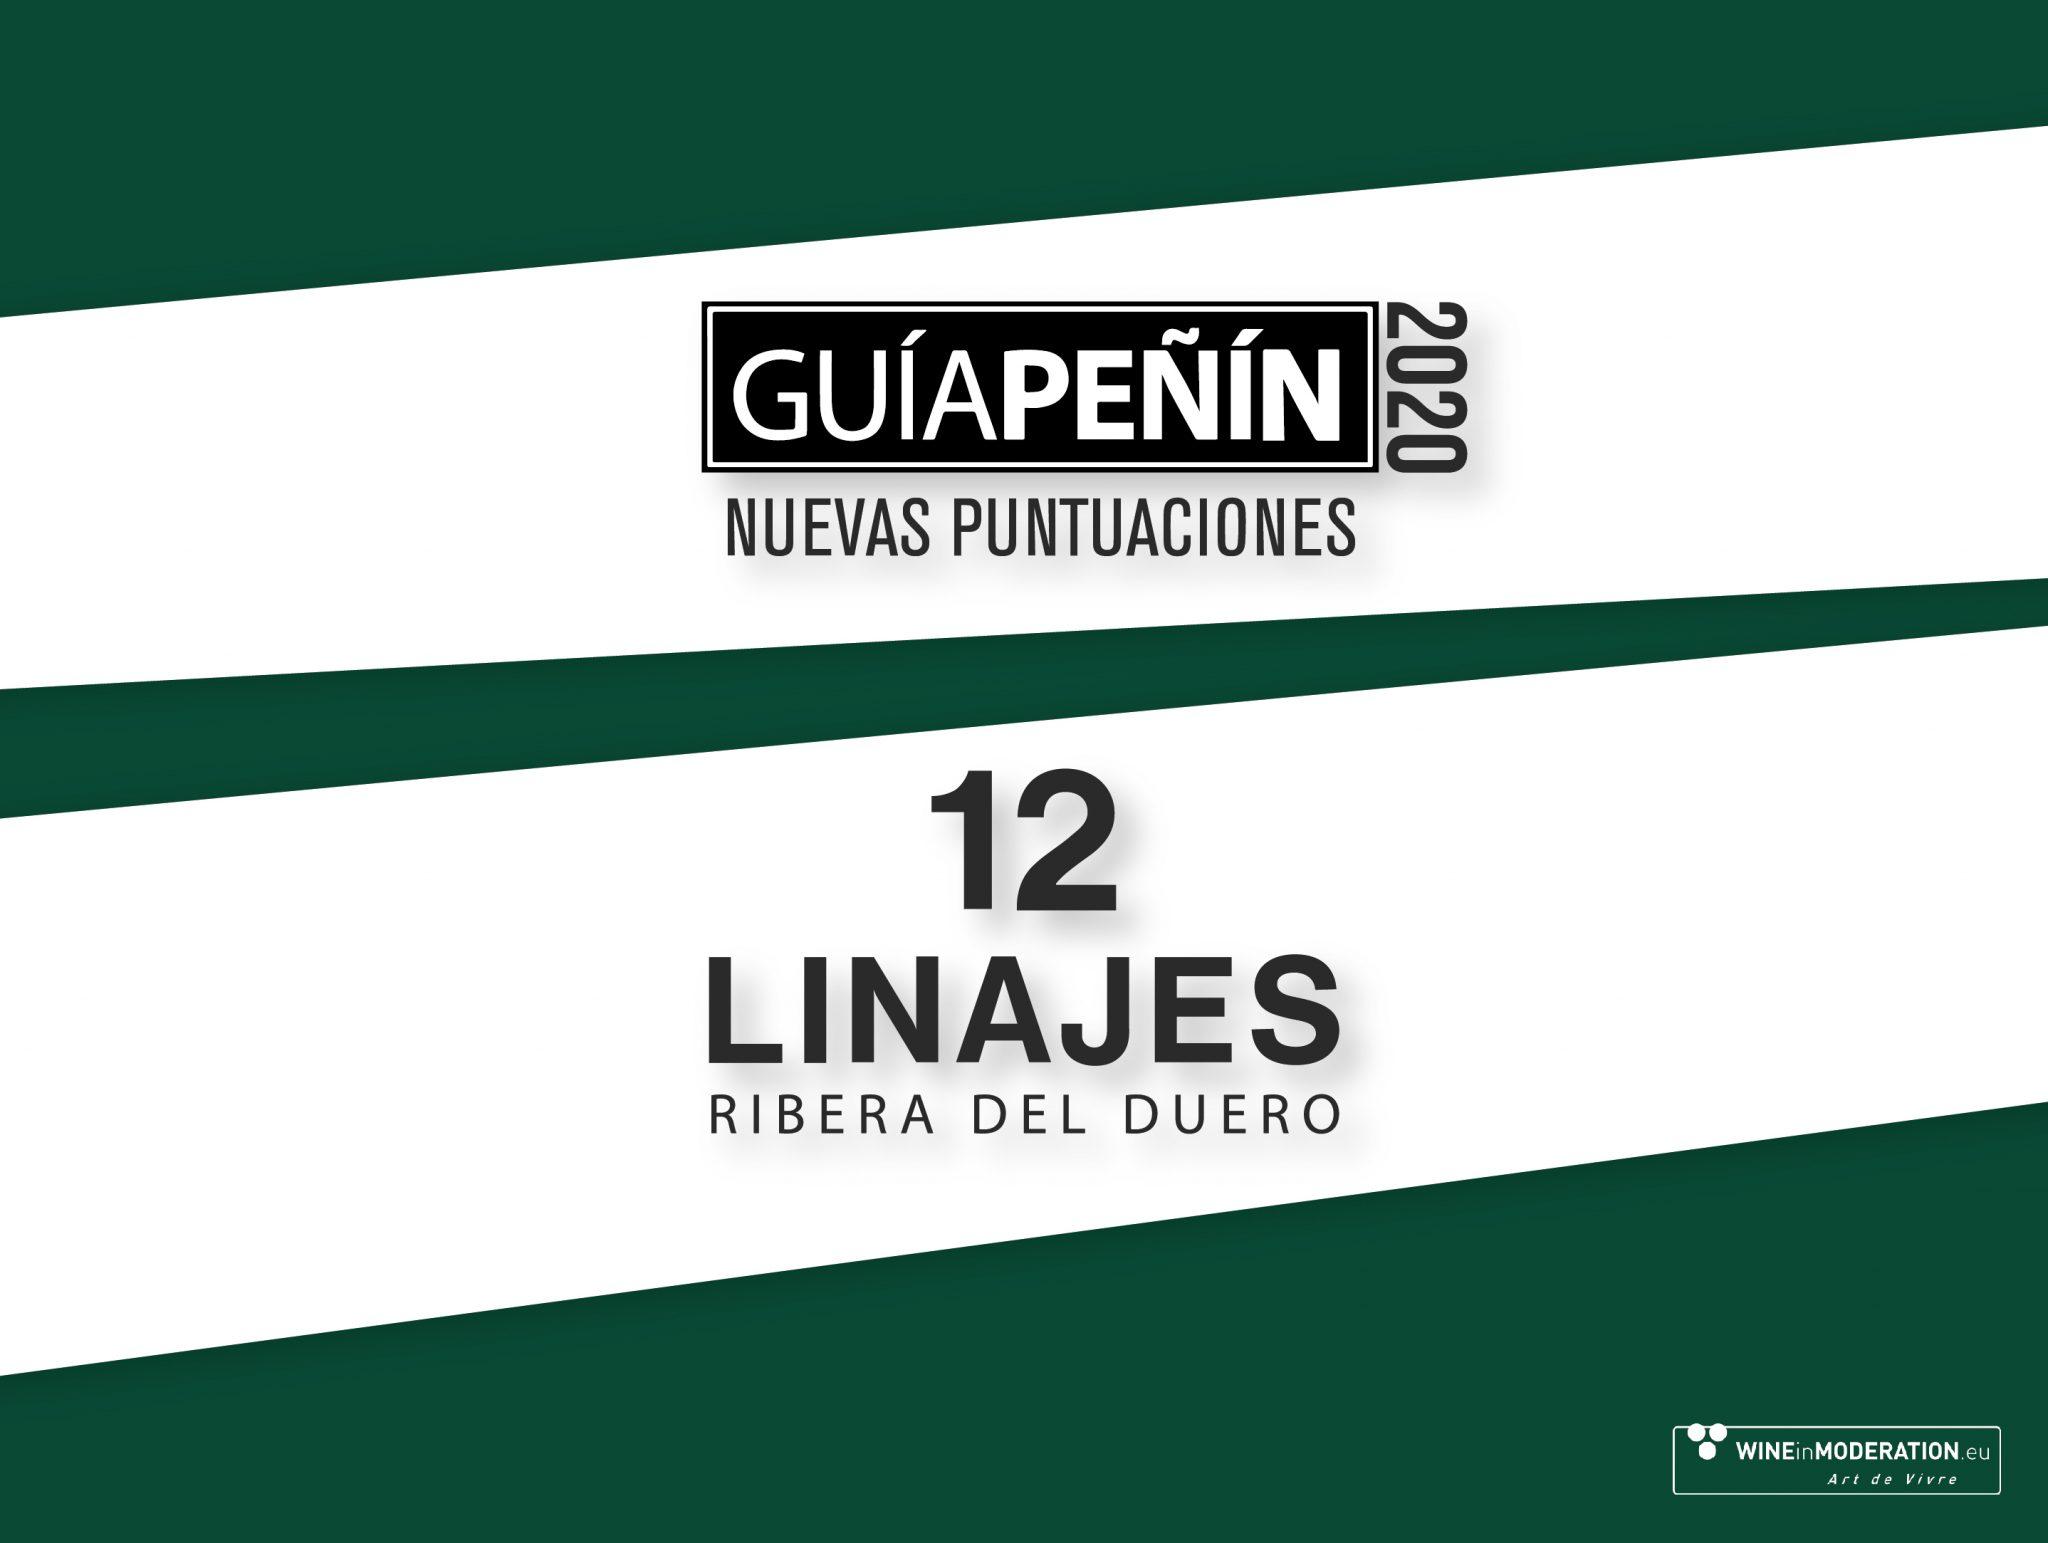 12 Linajes, la gama TOP de Guía Peñín 2020